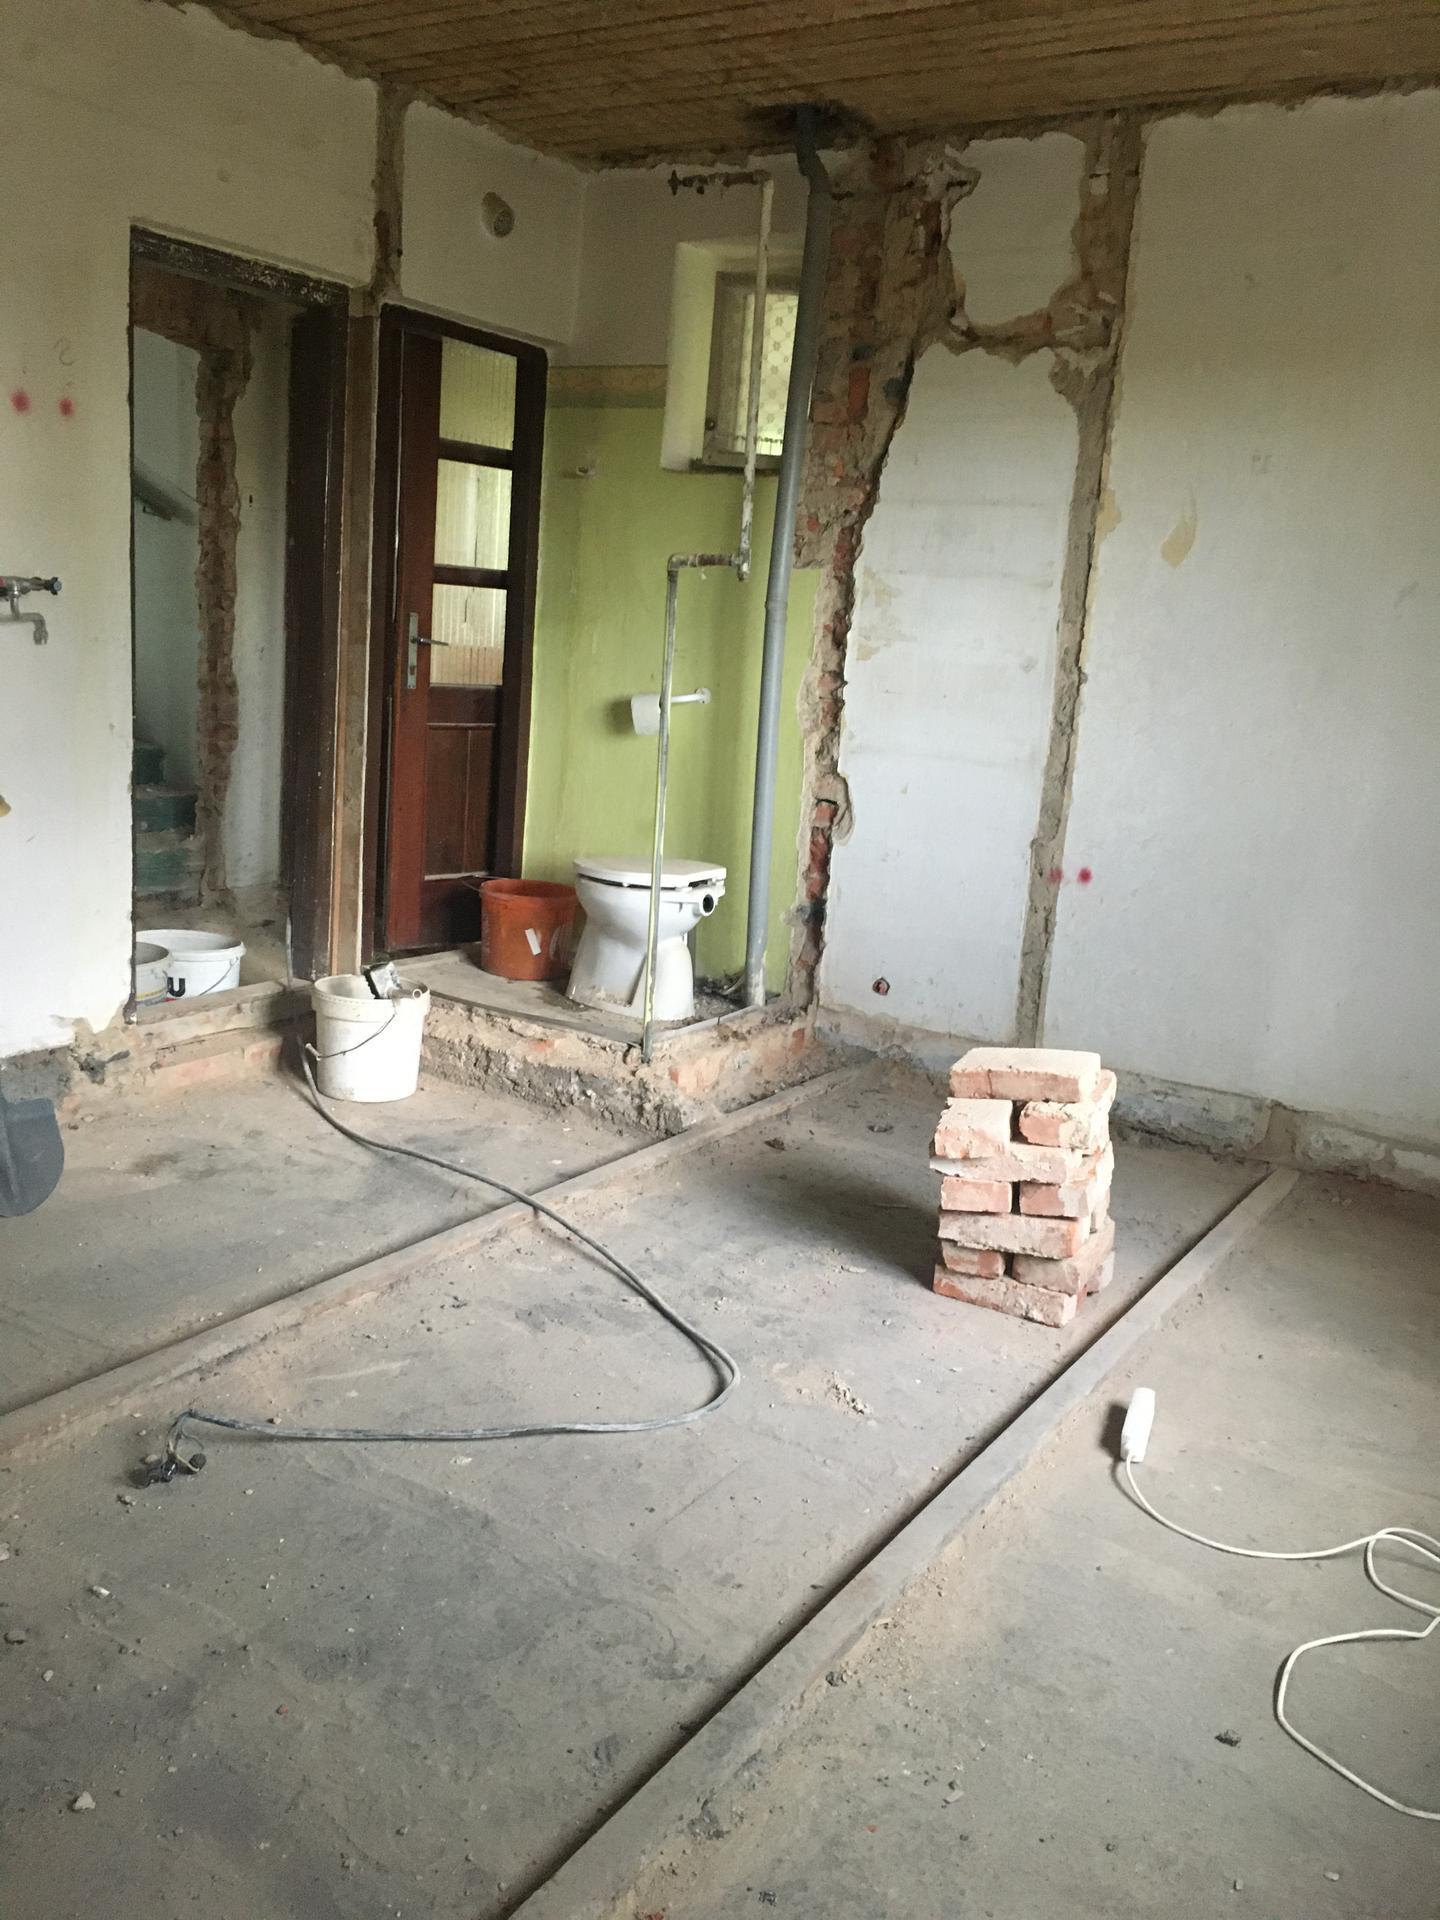 Rekonstrukce 🏡 20/21 - Demolice WC